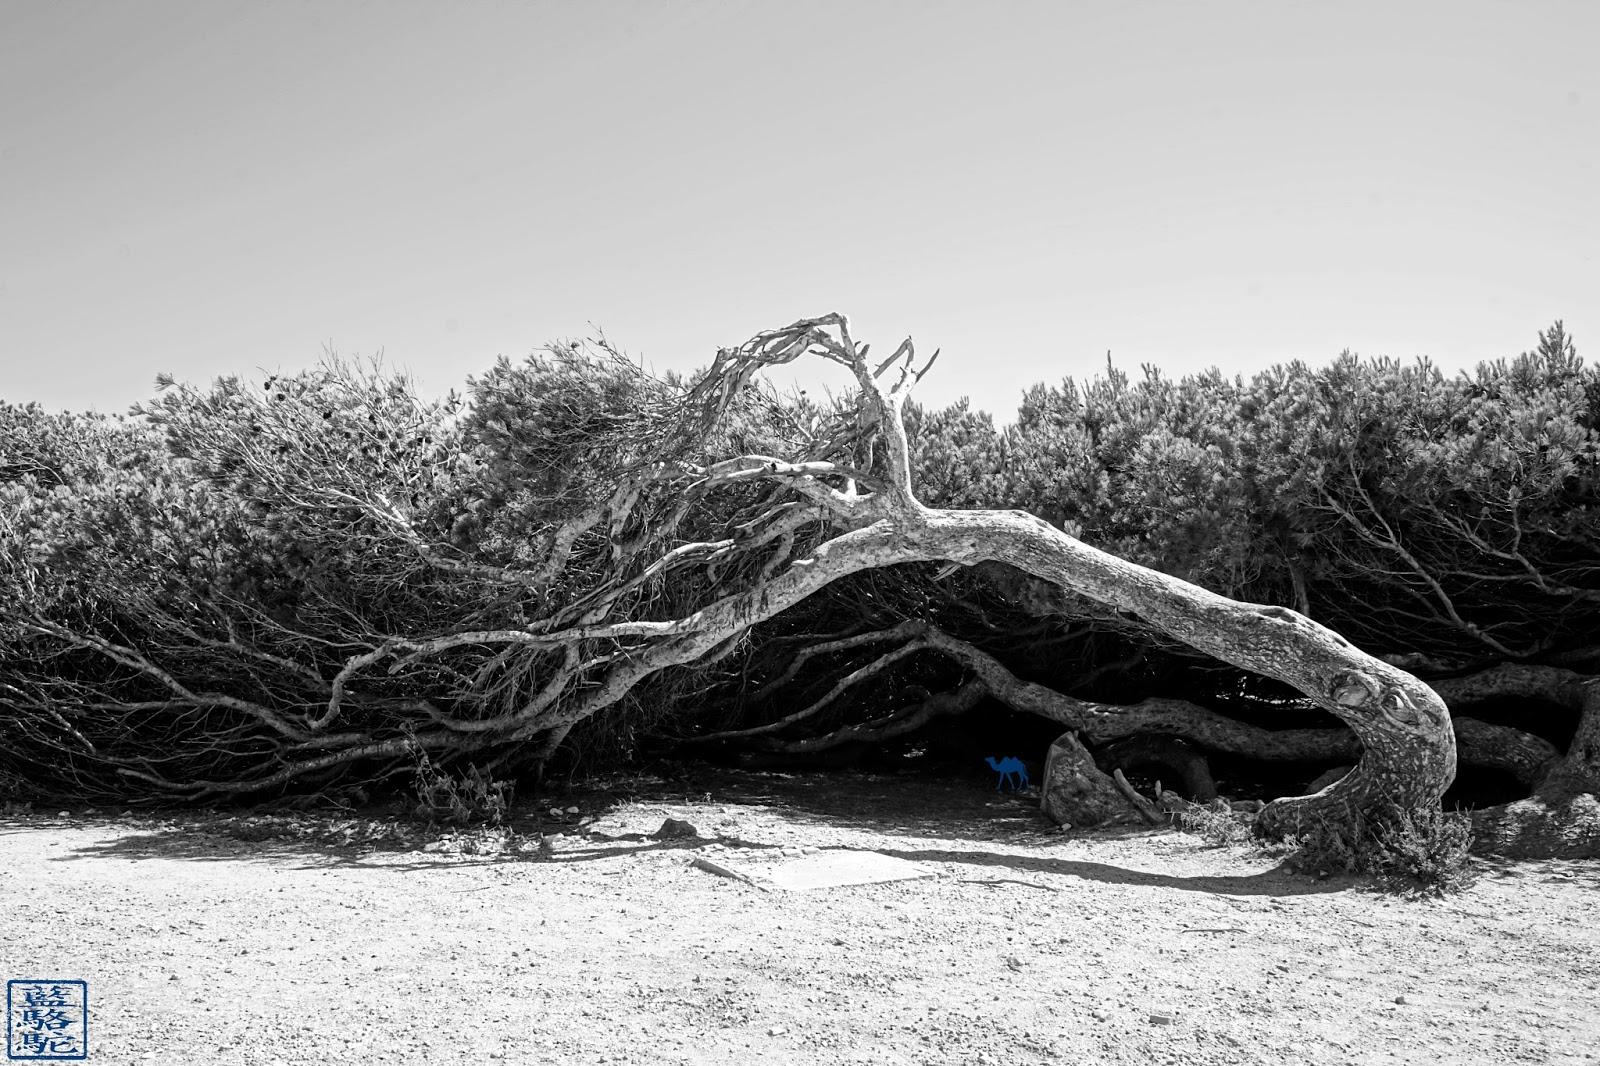 Le Chameau Bleu - Pin anémomorphosé de l'ile des Embiez - Var - Week End dans le Sud Est de La France